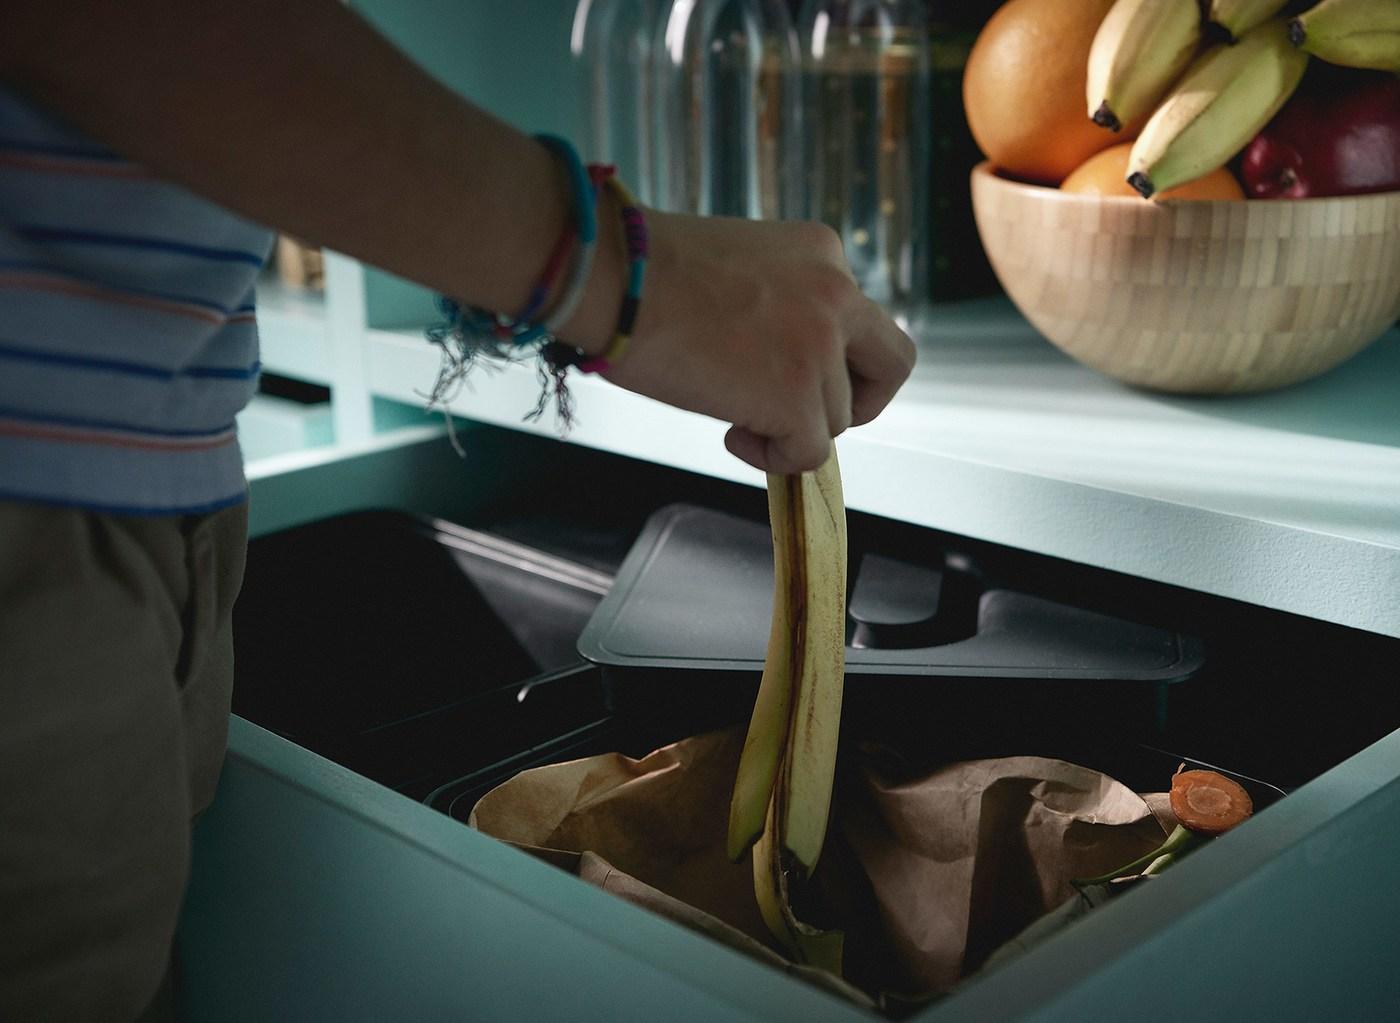 Iemand met armbanden gooit een bananenschil in een IKEA VARIERA afvalscheidingsbak in een keukenlade